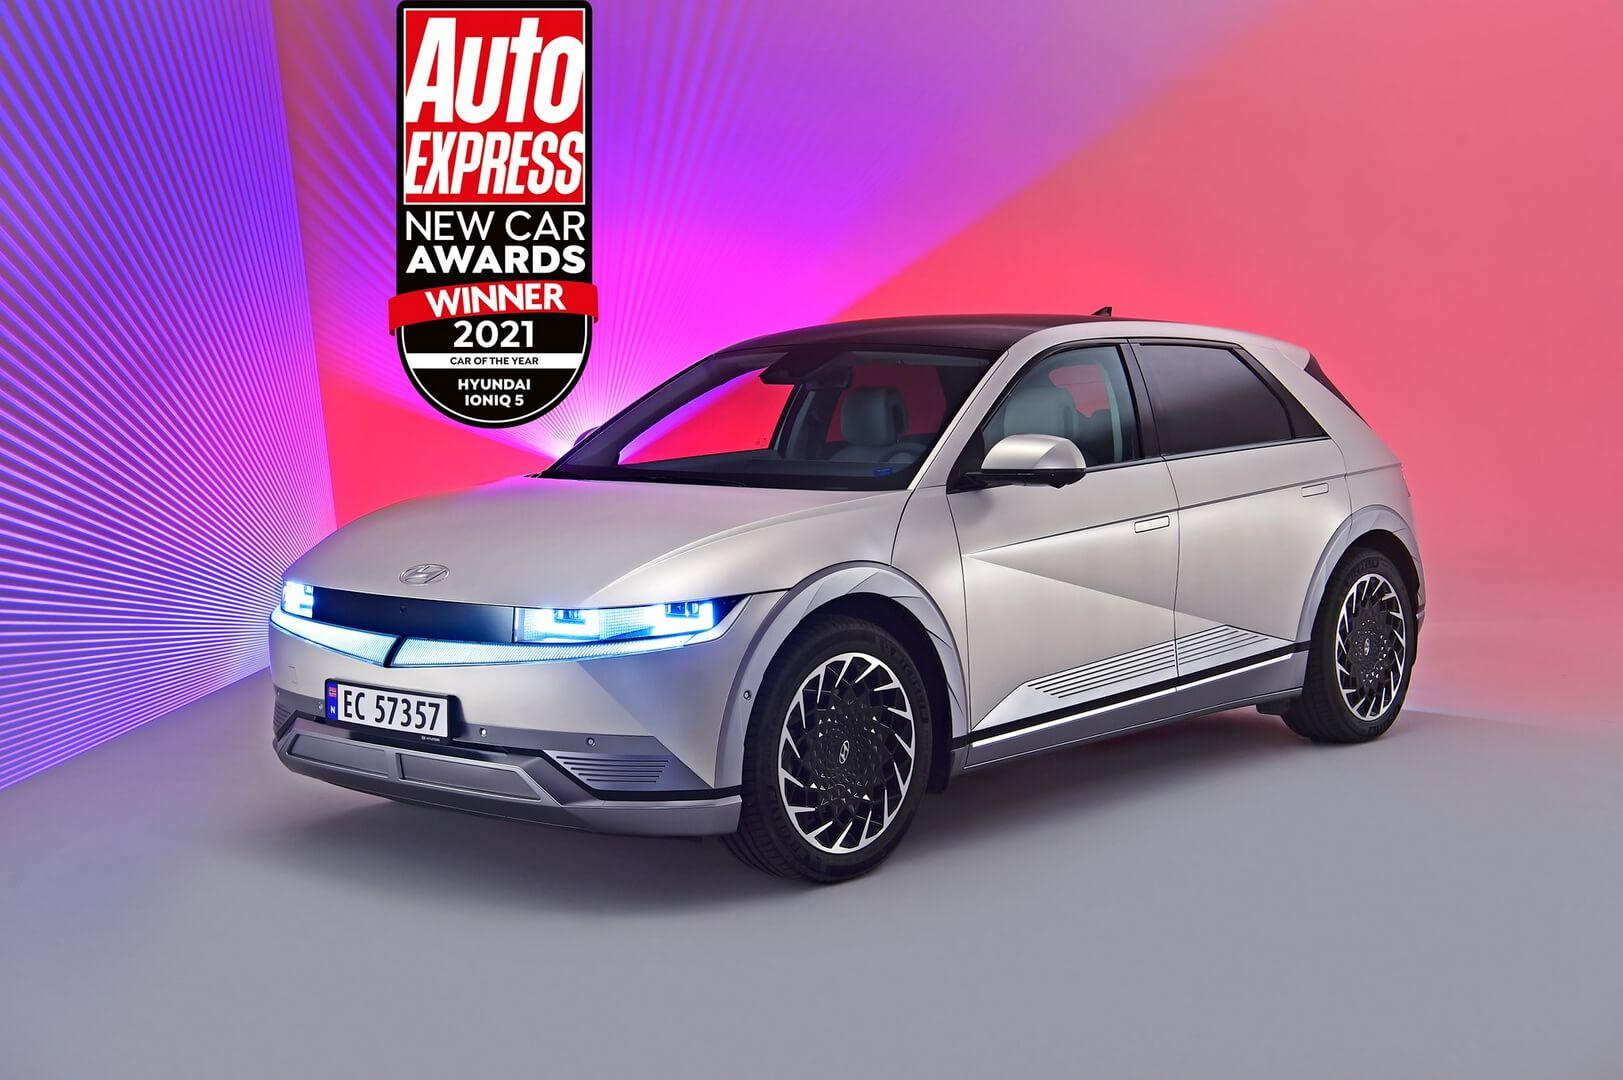 Hyundai IONIQ 5 получил награду «Автомобиль года 2021» в престижной премии Auto Express New Car Awards